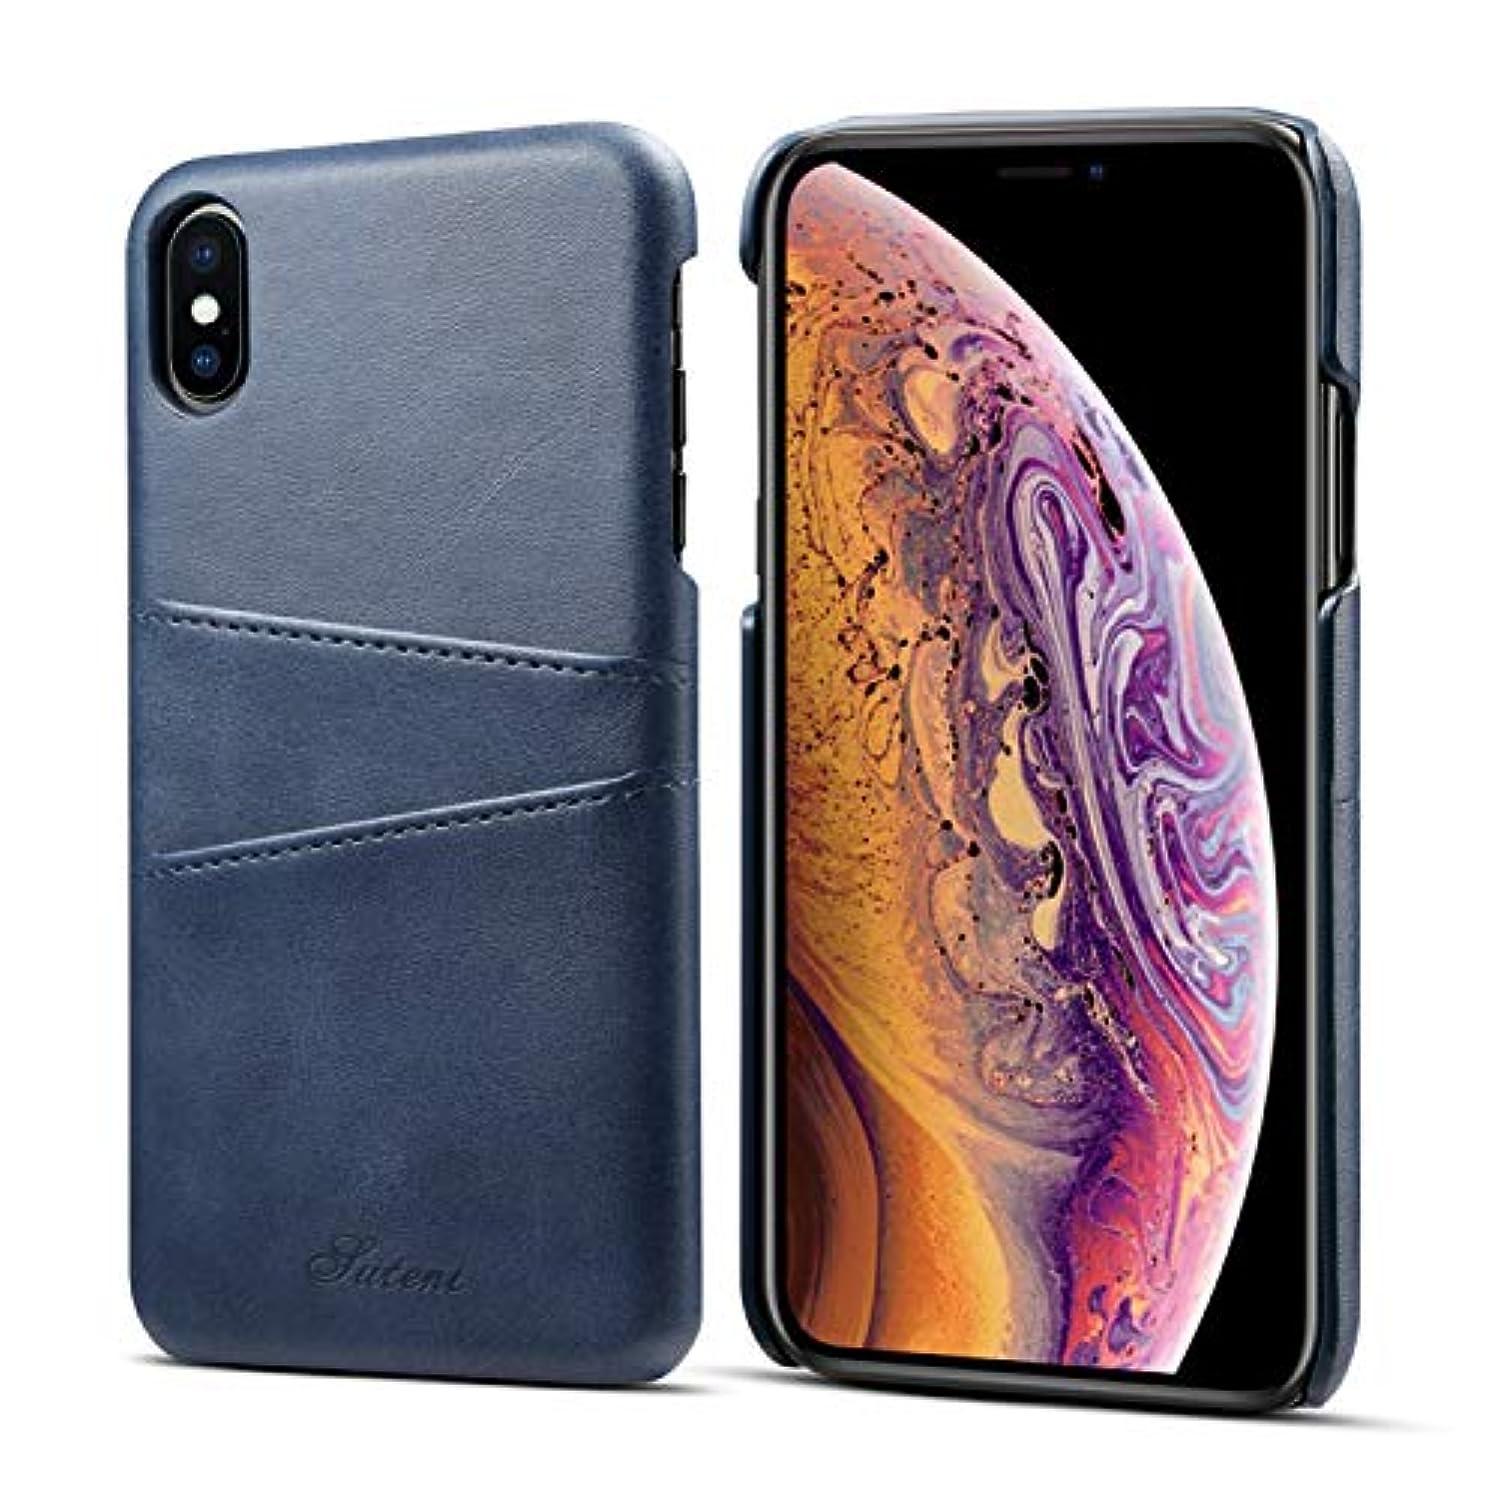 iPhone XS Maxのための財布ケース、カード/ IDホルダースロット付きtaStoneプレミアムPUレザー電話ケースカバー6.5インチiPhone XS Maxのための軽量クラシックスタイルスリム保護スクリーンケース...